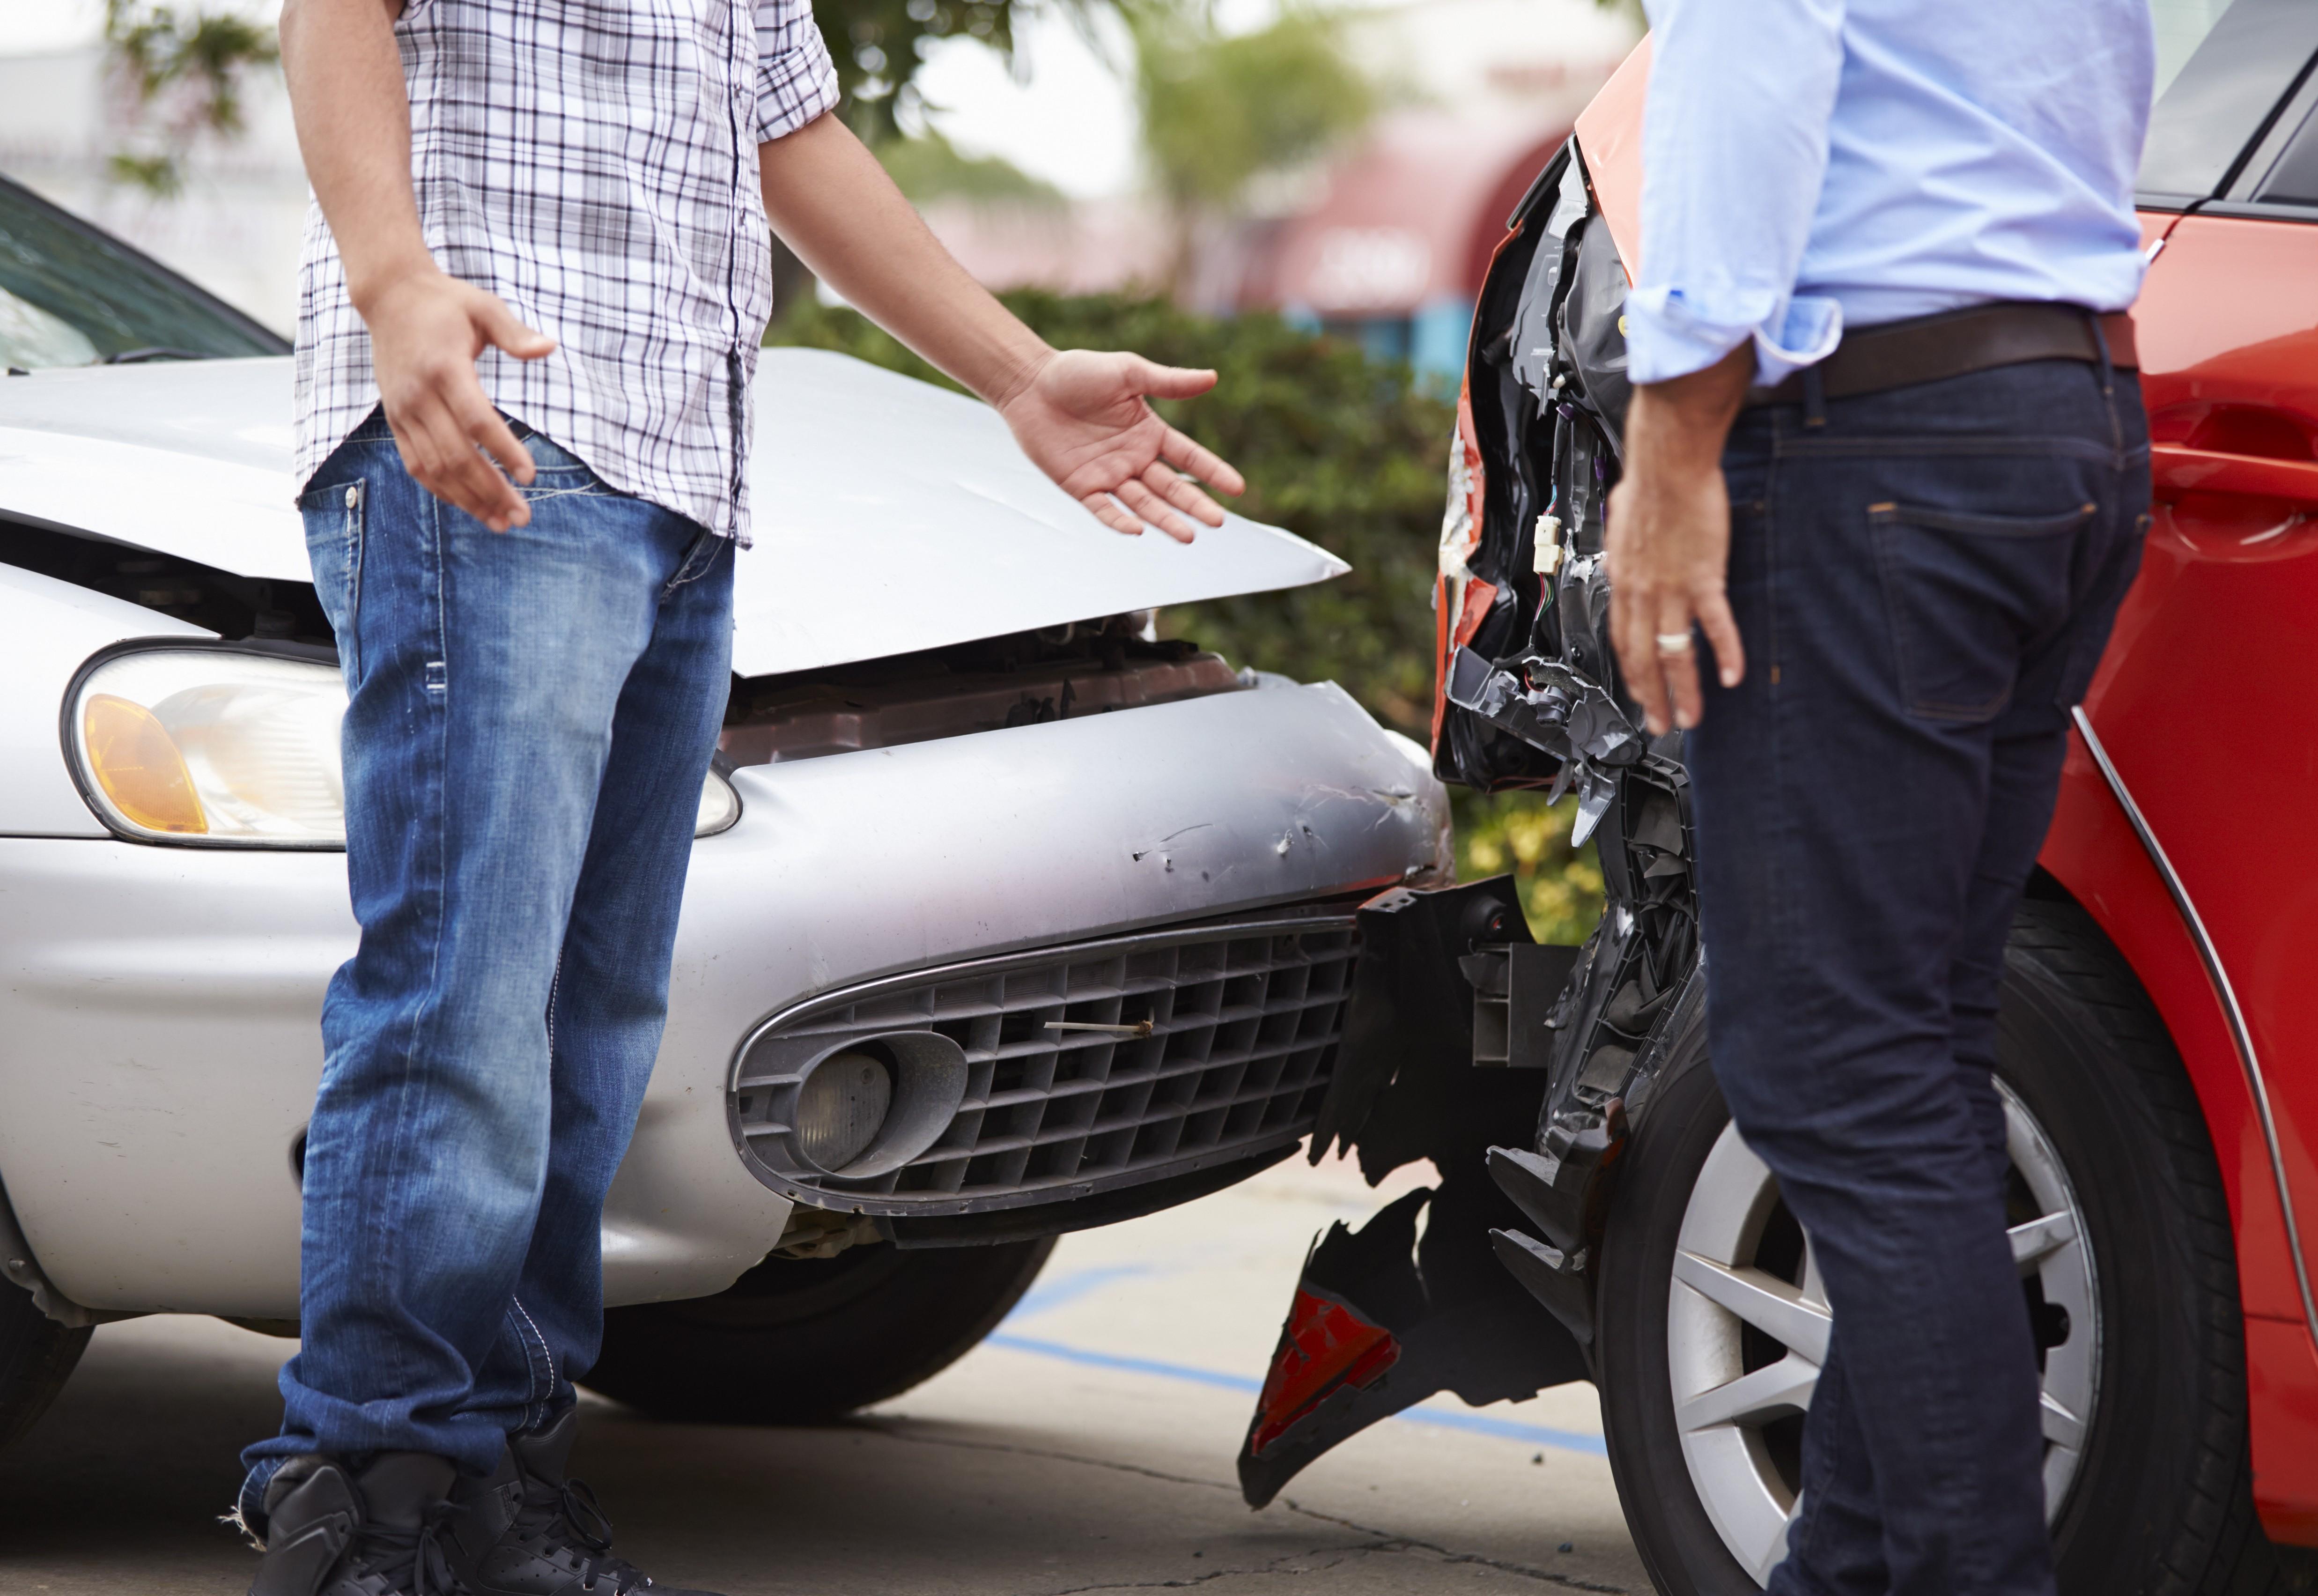 Pahami asuransi yang kamu miliki